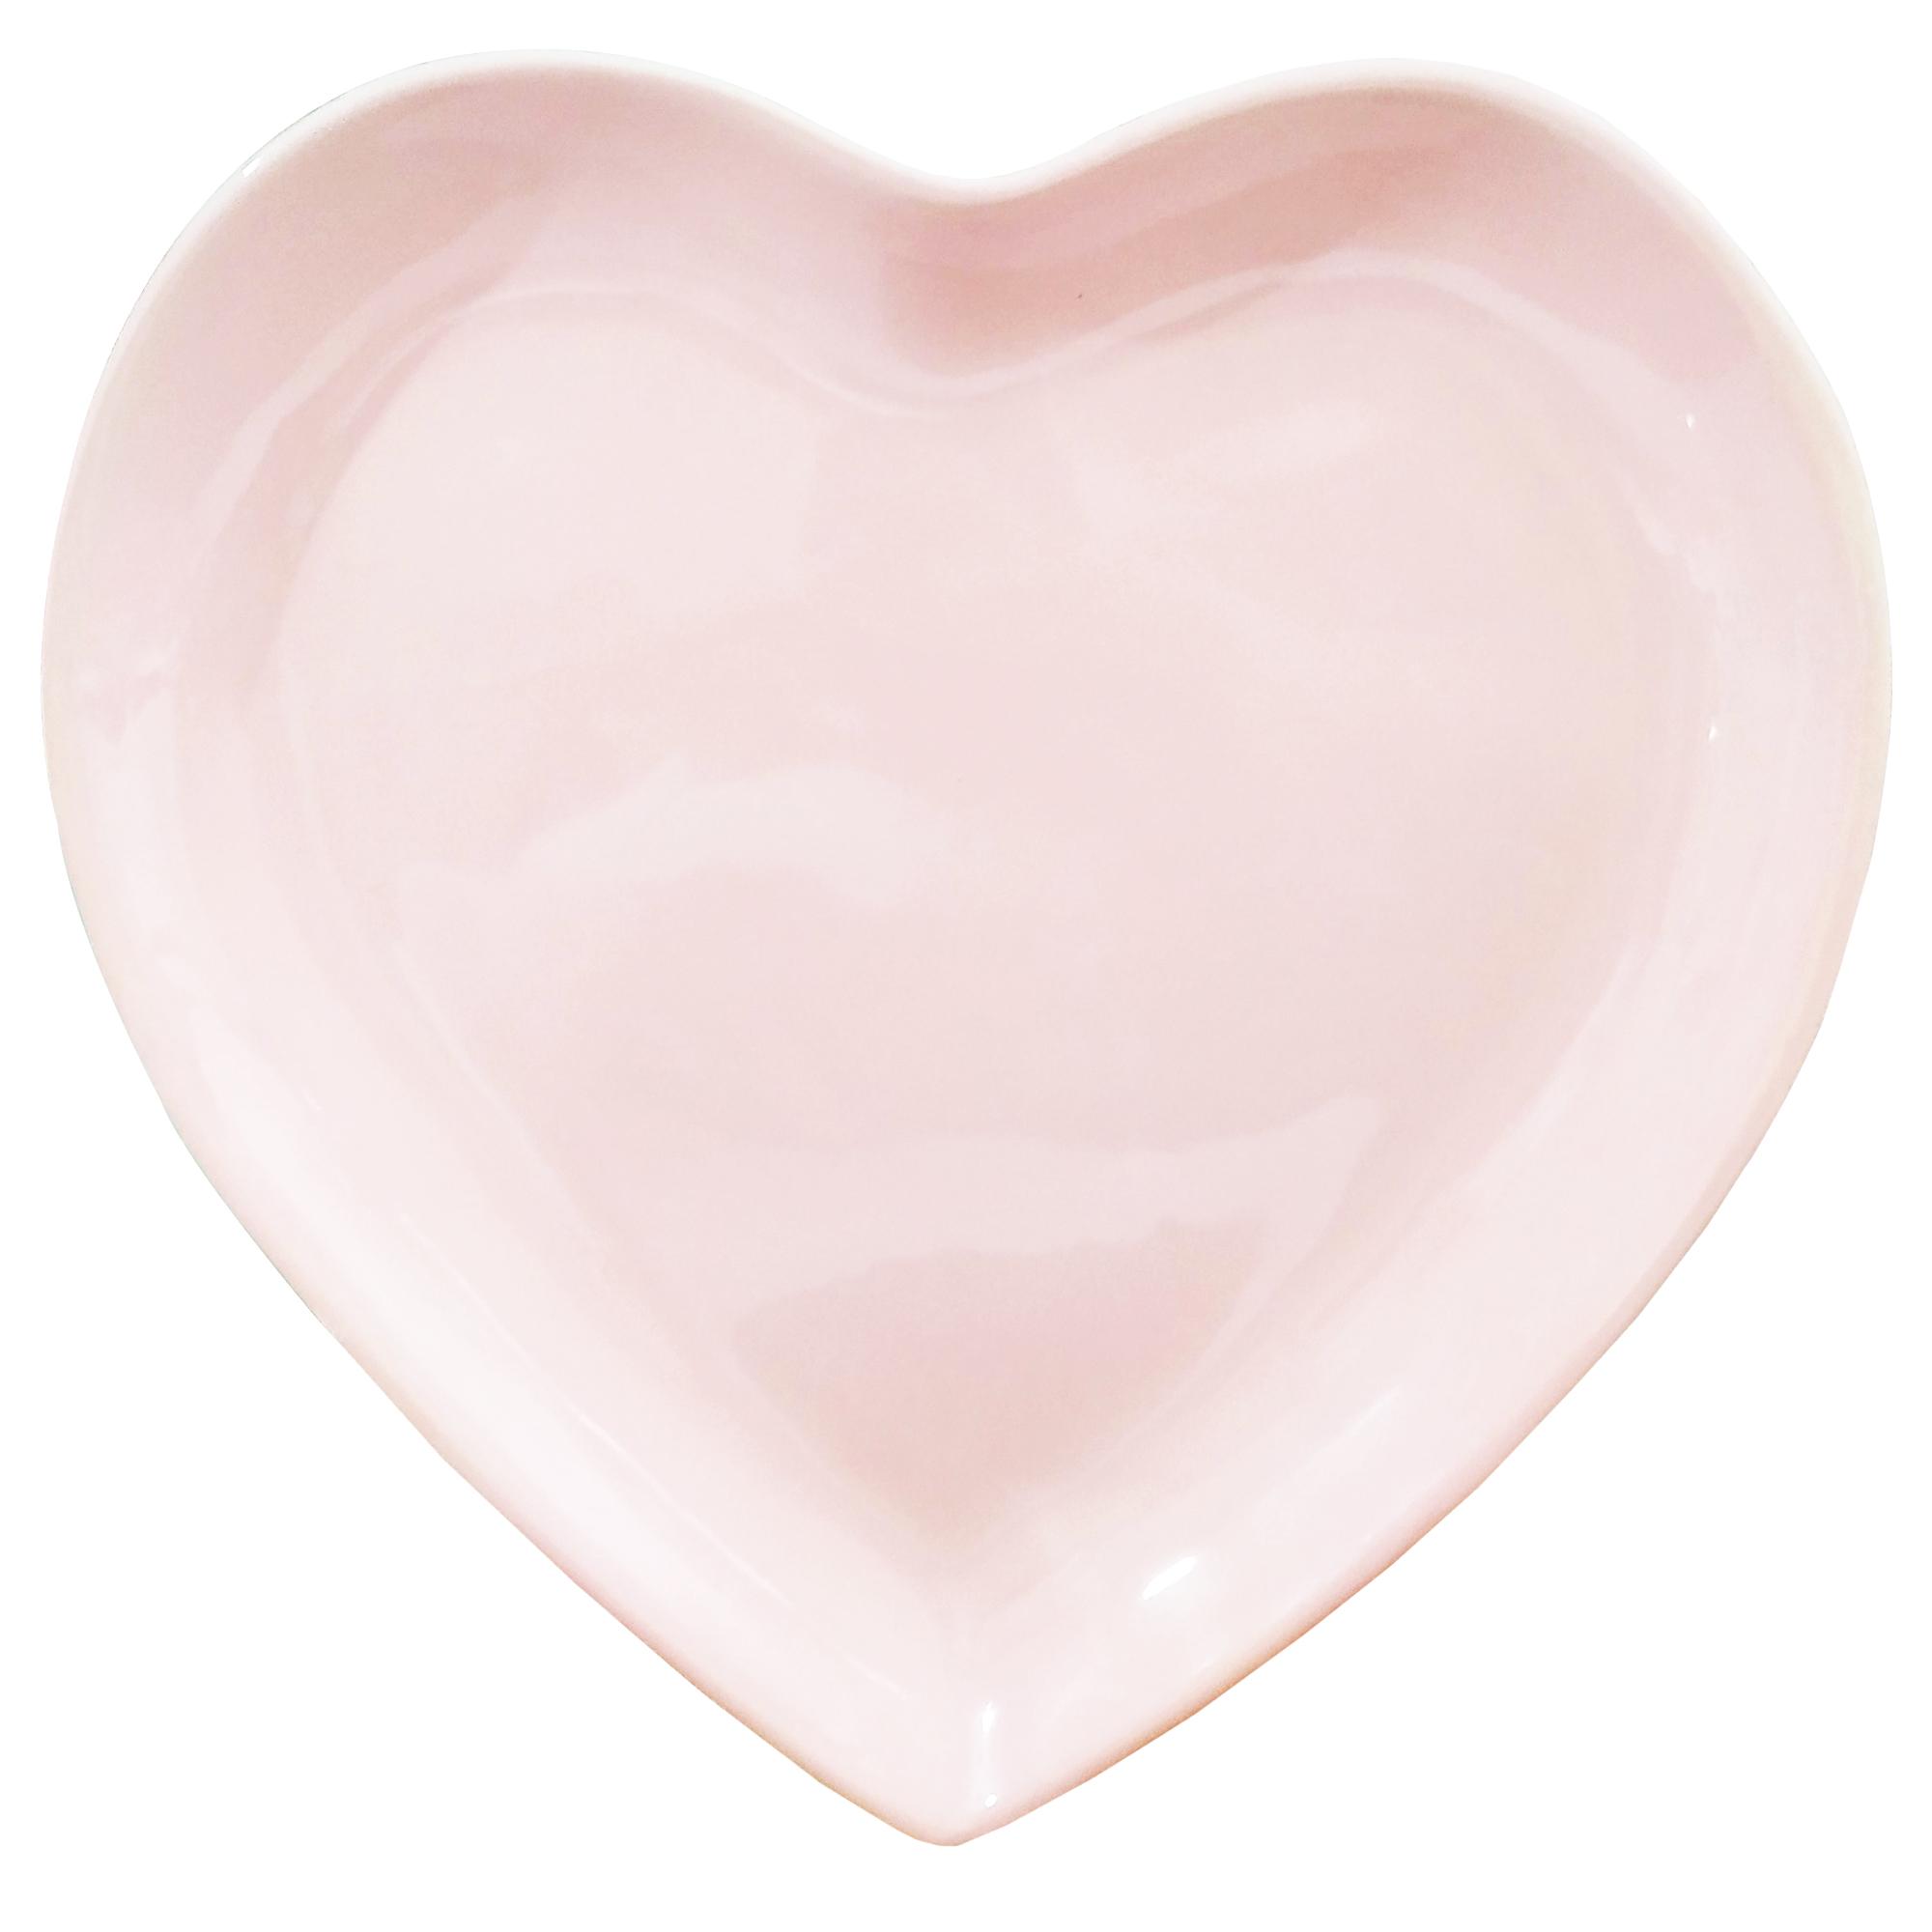 عکس بشقاب غذاخوری طرح قلب کد093 بسته 2 عددی